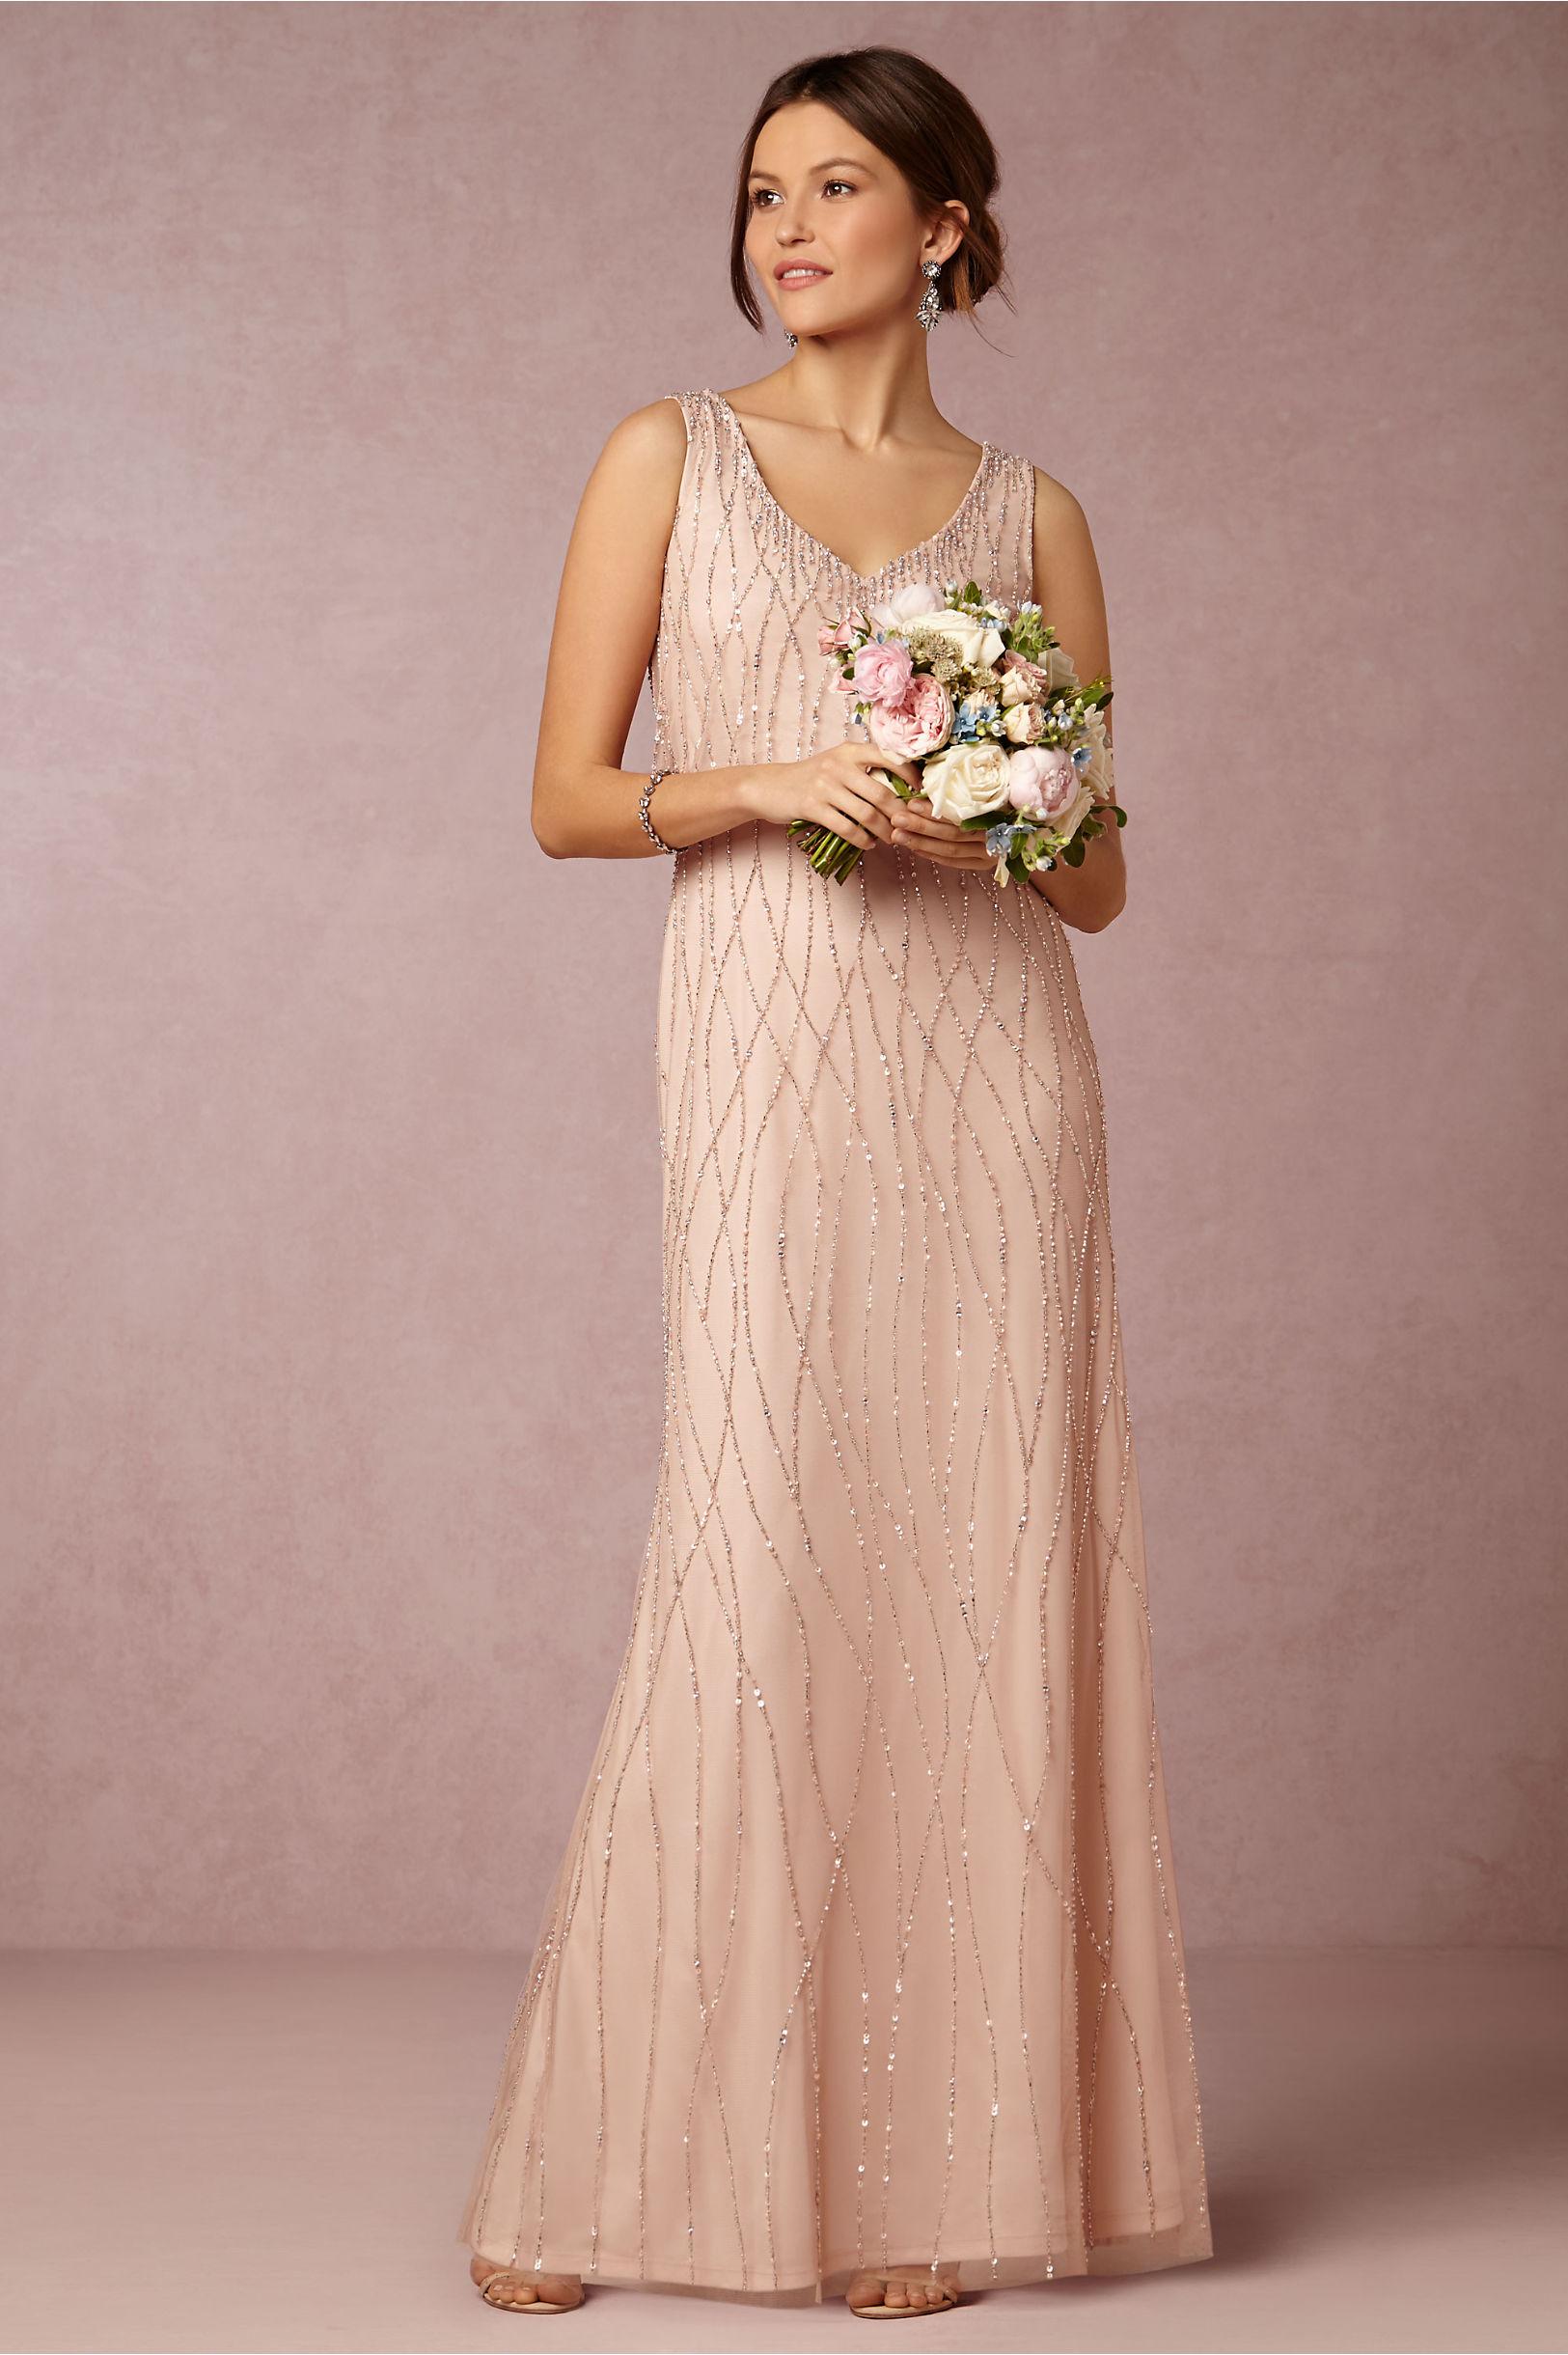 Brooklyn Dress in Sale | BHLDN